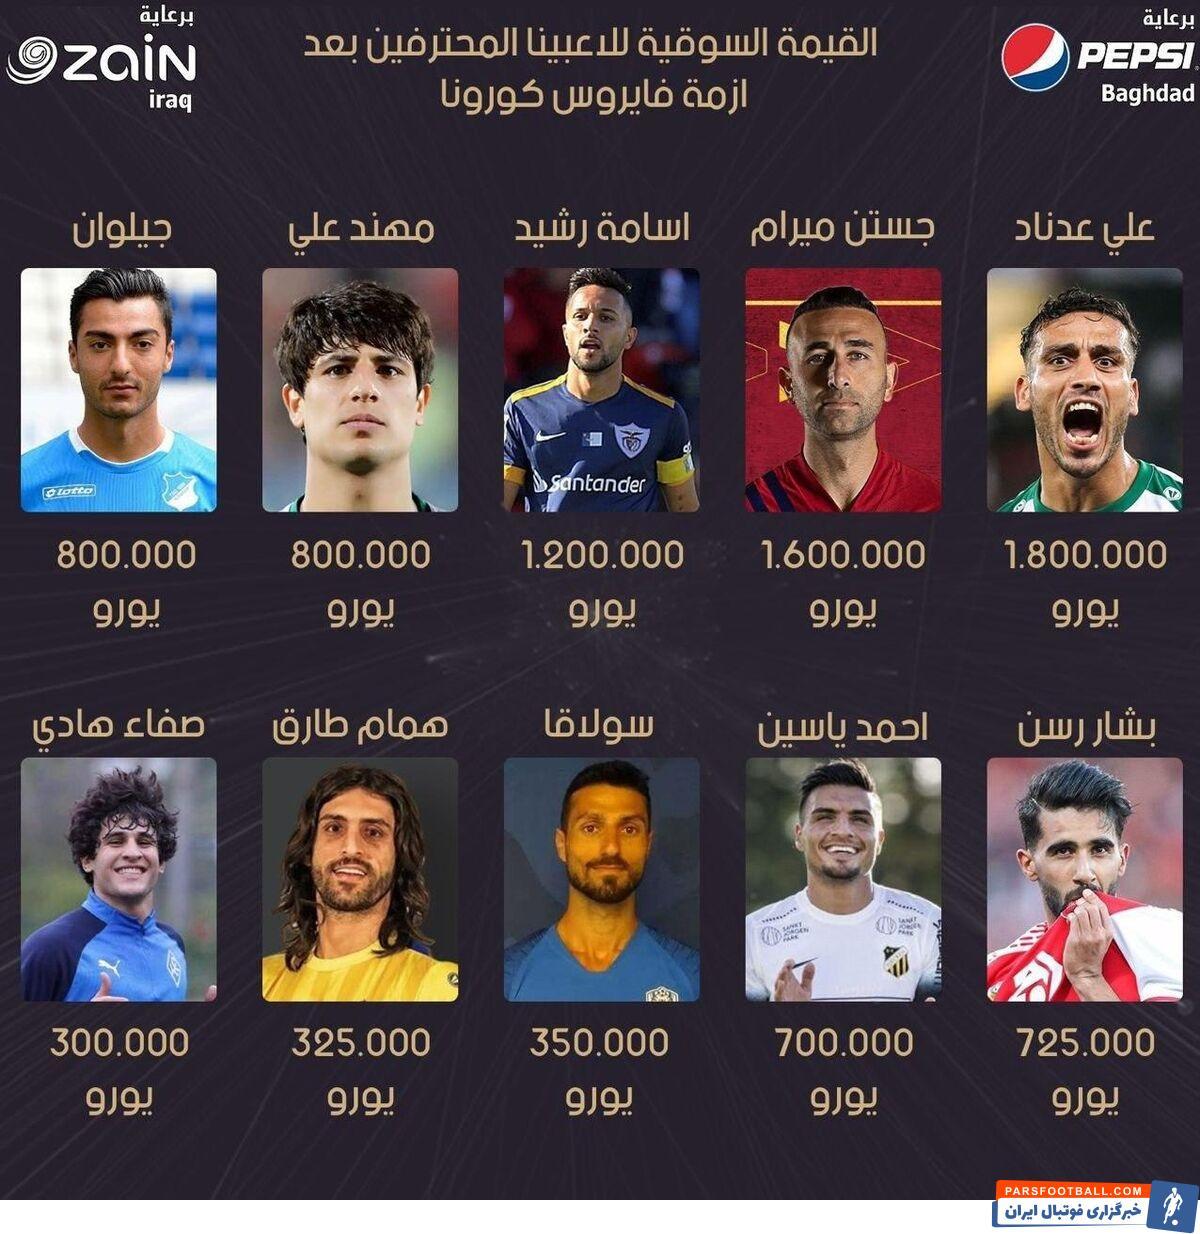 بشار رسن ، هافبک پرسپولیس در لیست ۱۰ بازیکن گران قیمت فوتبال عراق قرار گرفت. رسن با ارزش ۷۲۵ هزار یورو در رده ششم این ردهبندی قرار گرفت.